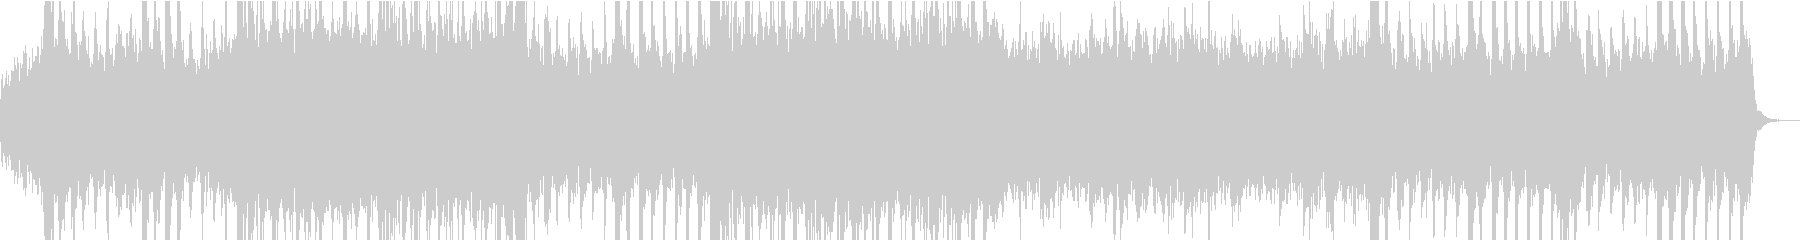 ドラマチック オーケストラ01 劇伴等の未再生の波形